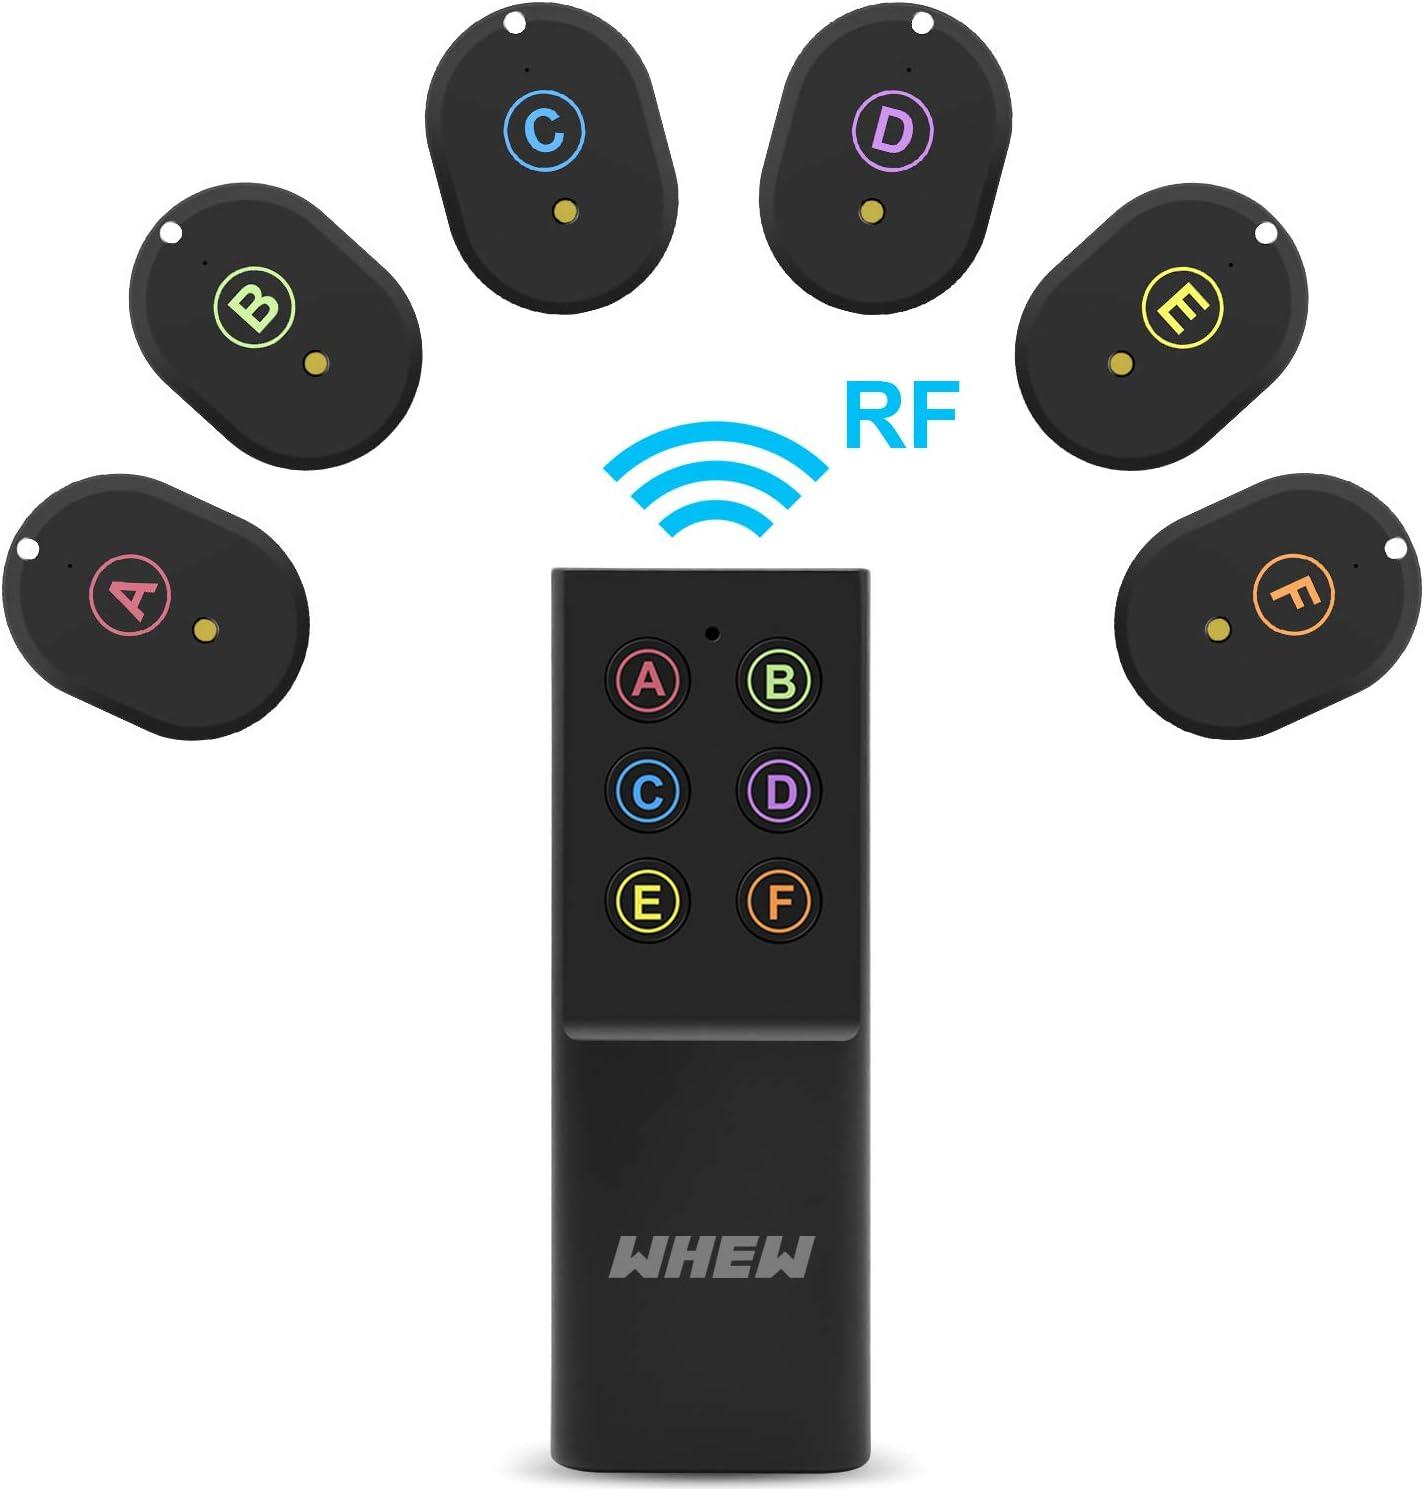 Equipaje buscador de tel/éfono Individual Rastreador con Bluetooth para Encontrar Tus Objetos de Valor Alarma antip/érdida Color Blanco localizador de Llaves y Monedero MYNT ES